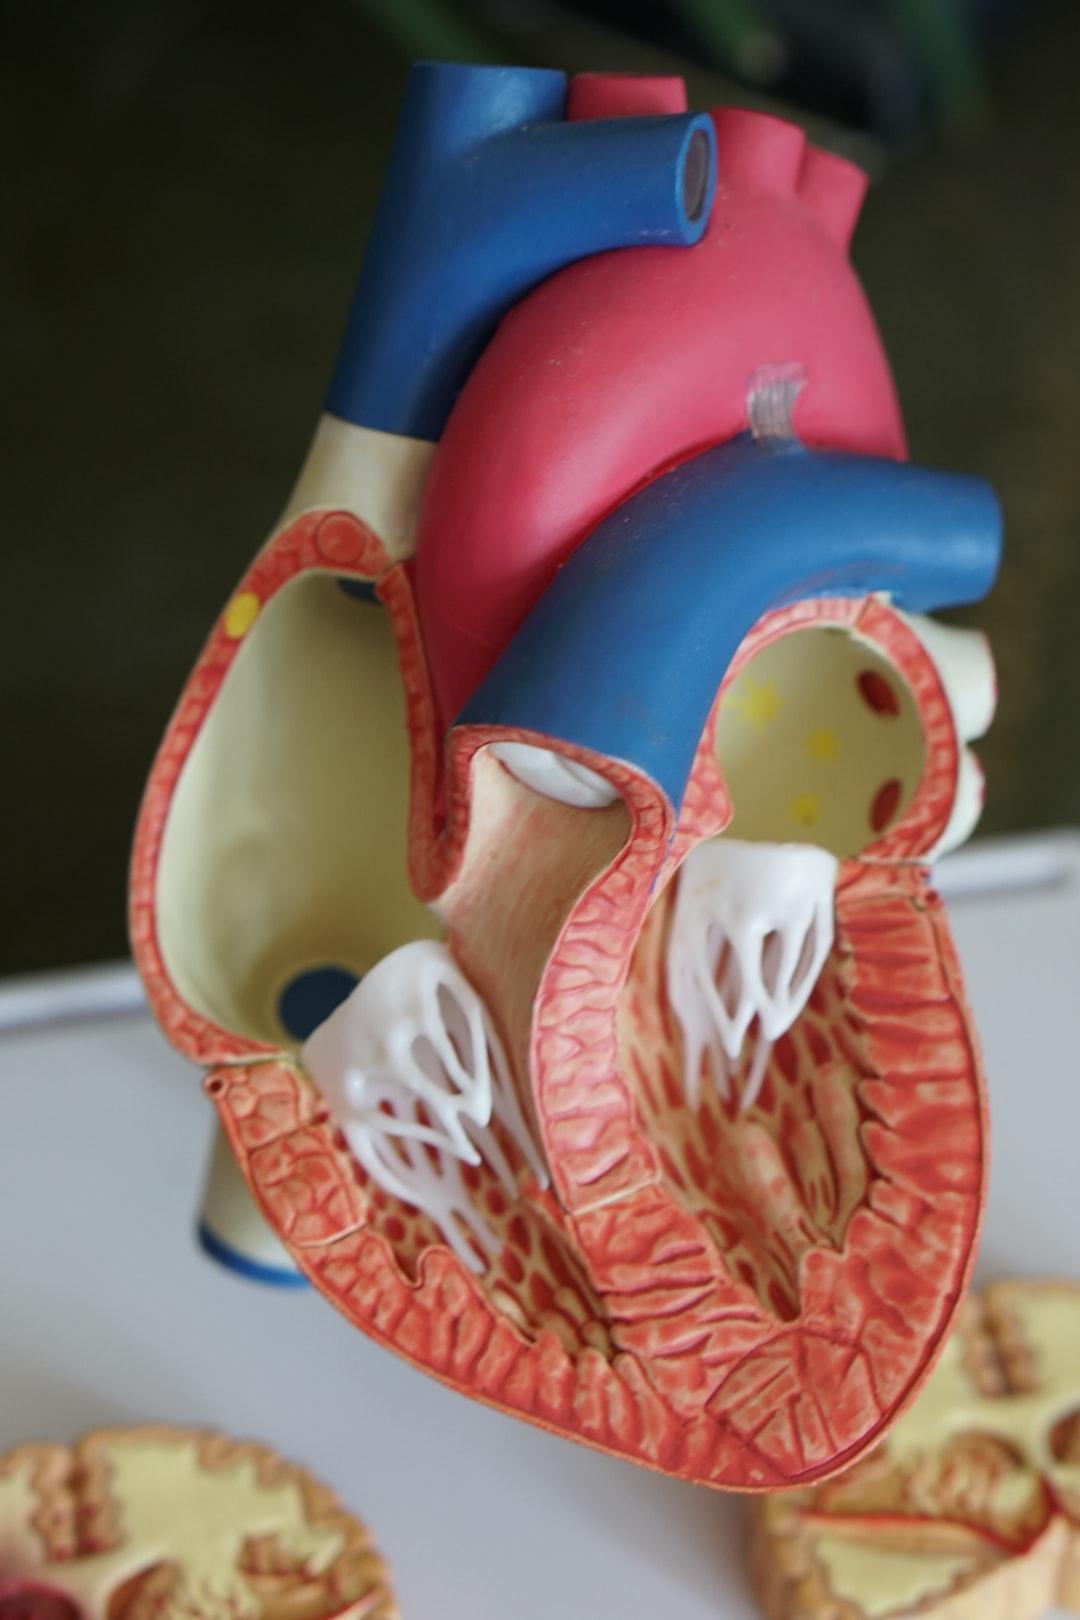 Open heart model